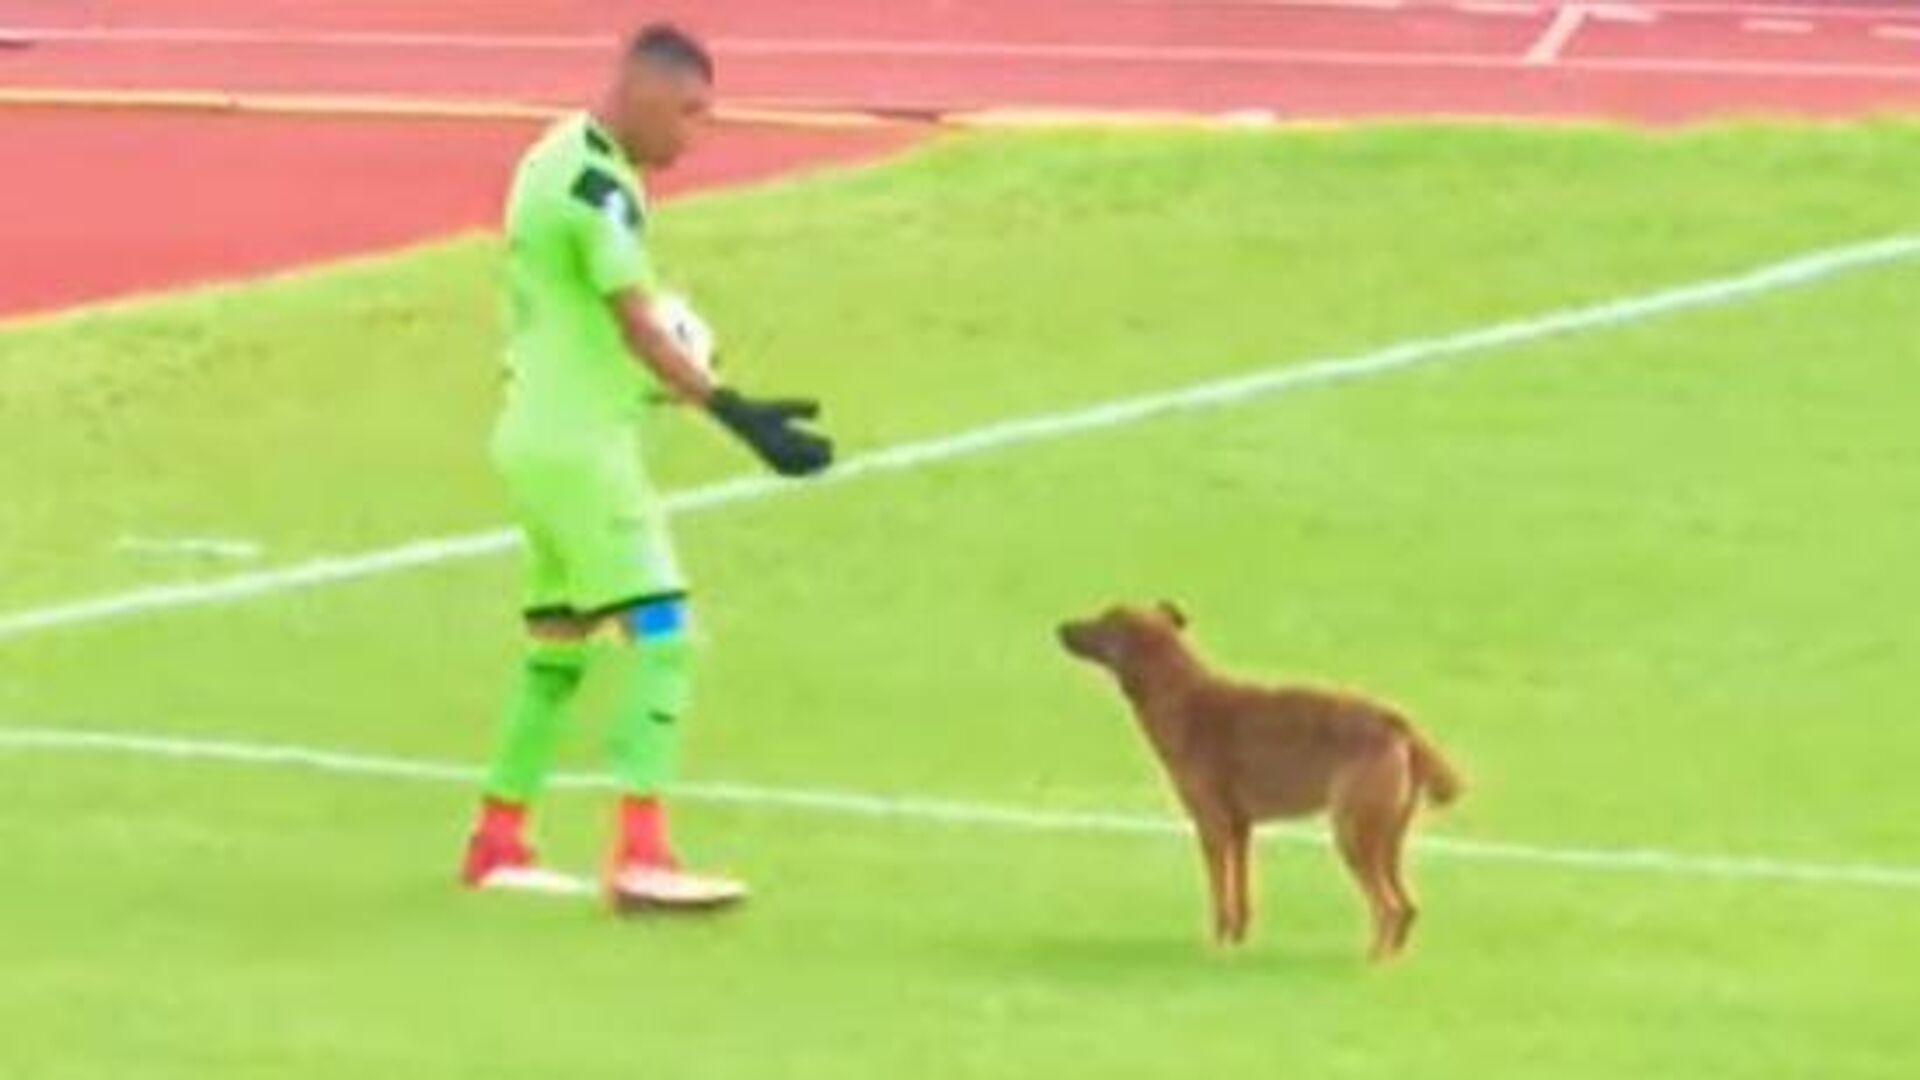 Σκύλος σε αγώνα στην Ονδούρα - Sputnik Ελλάδα, 1920, 17.09.2021